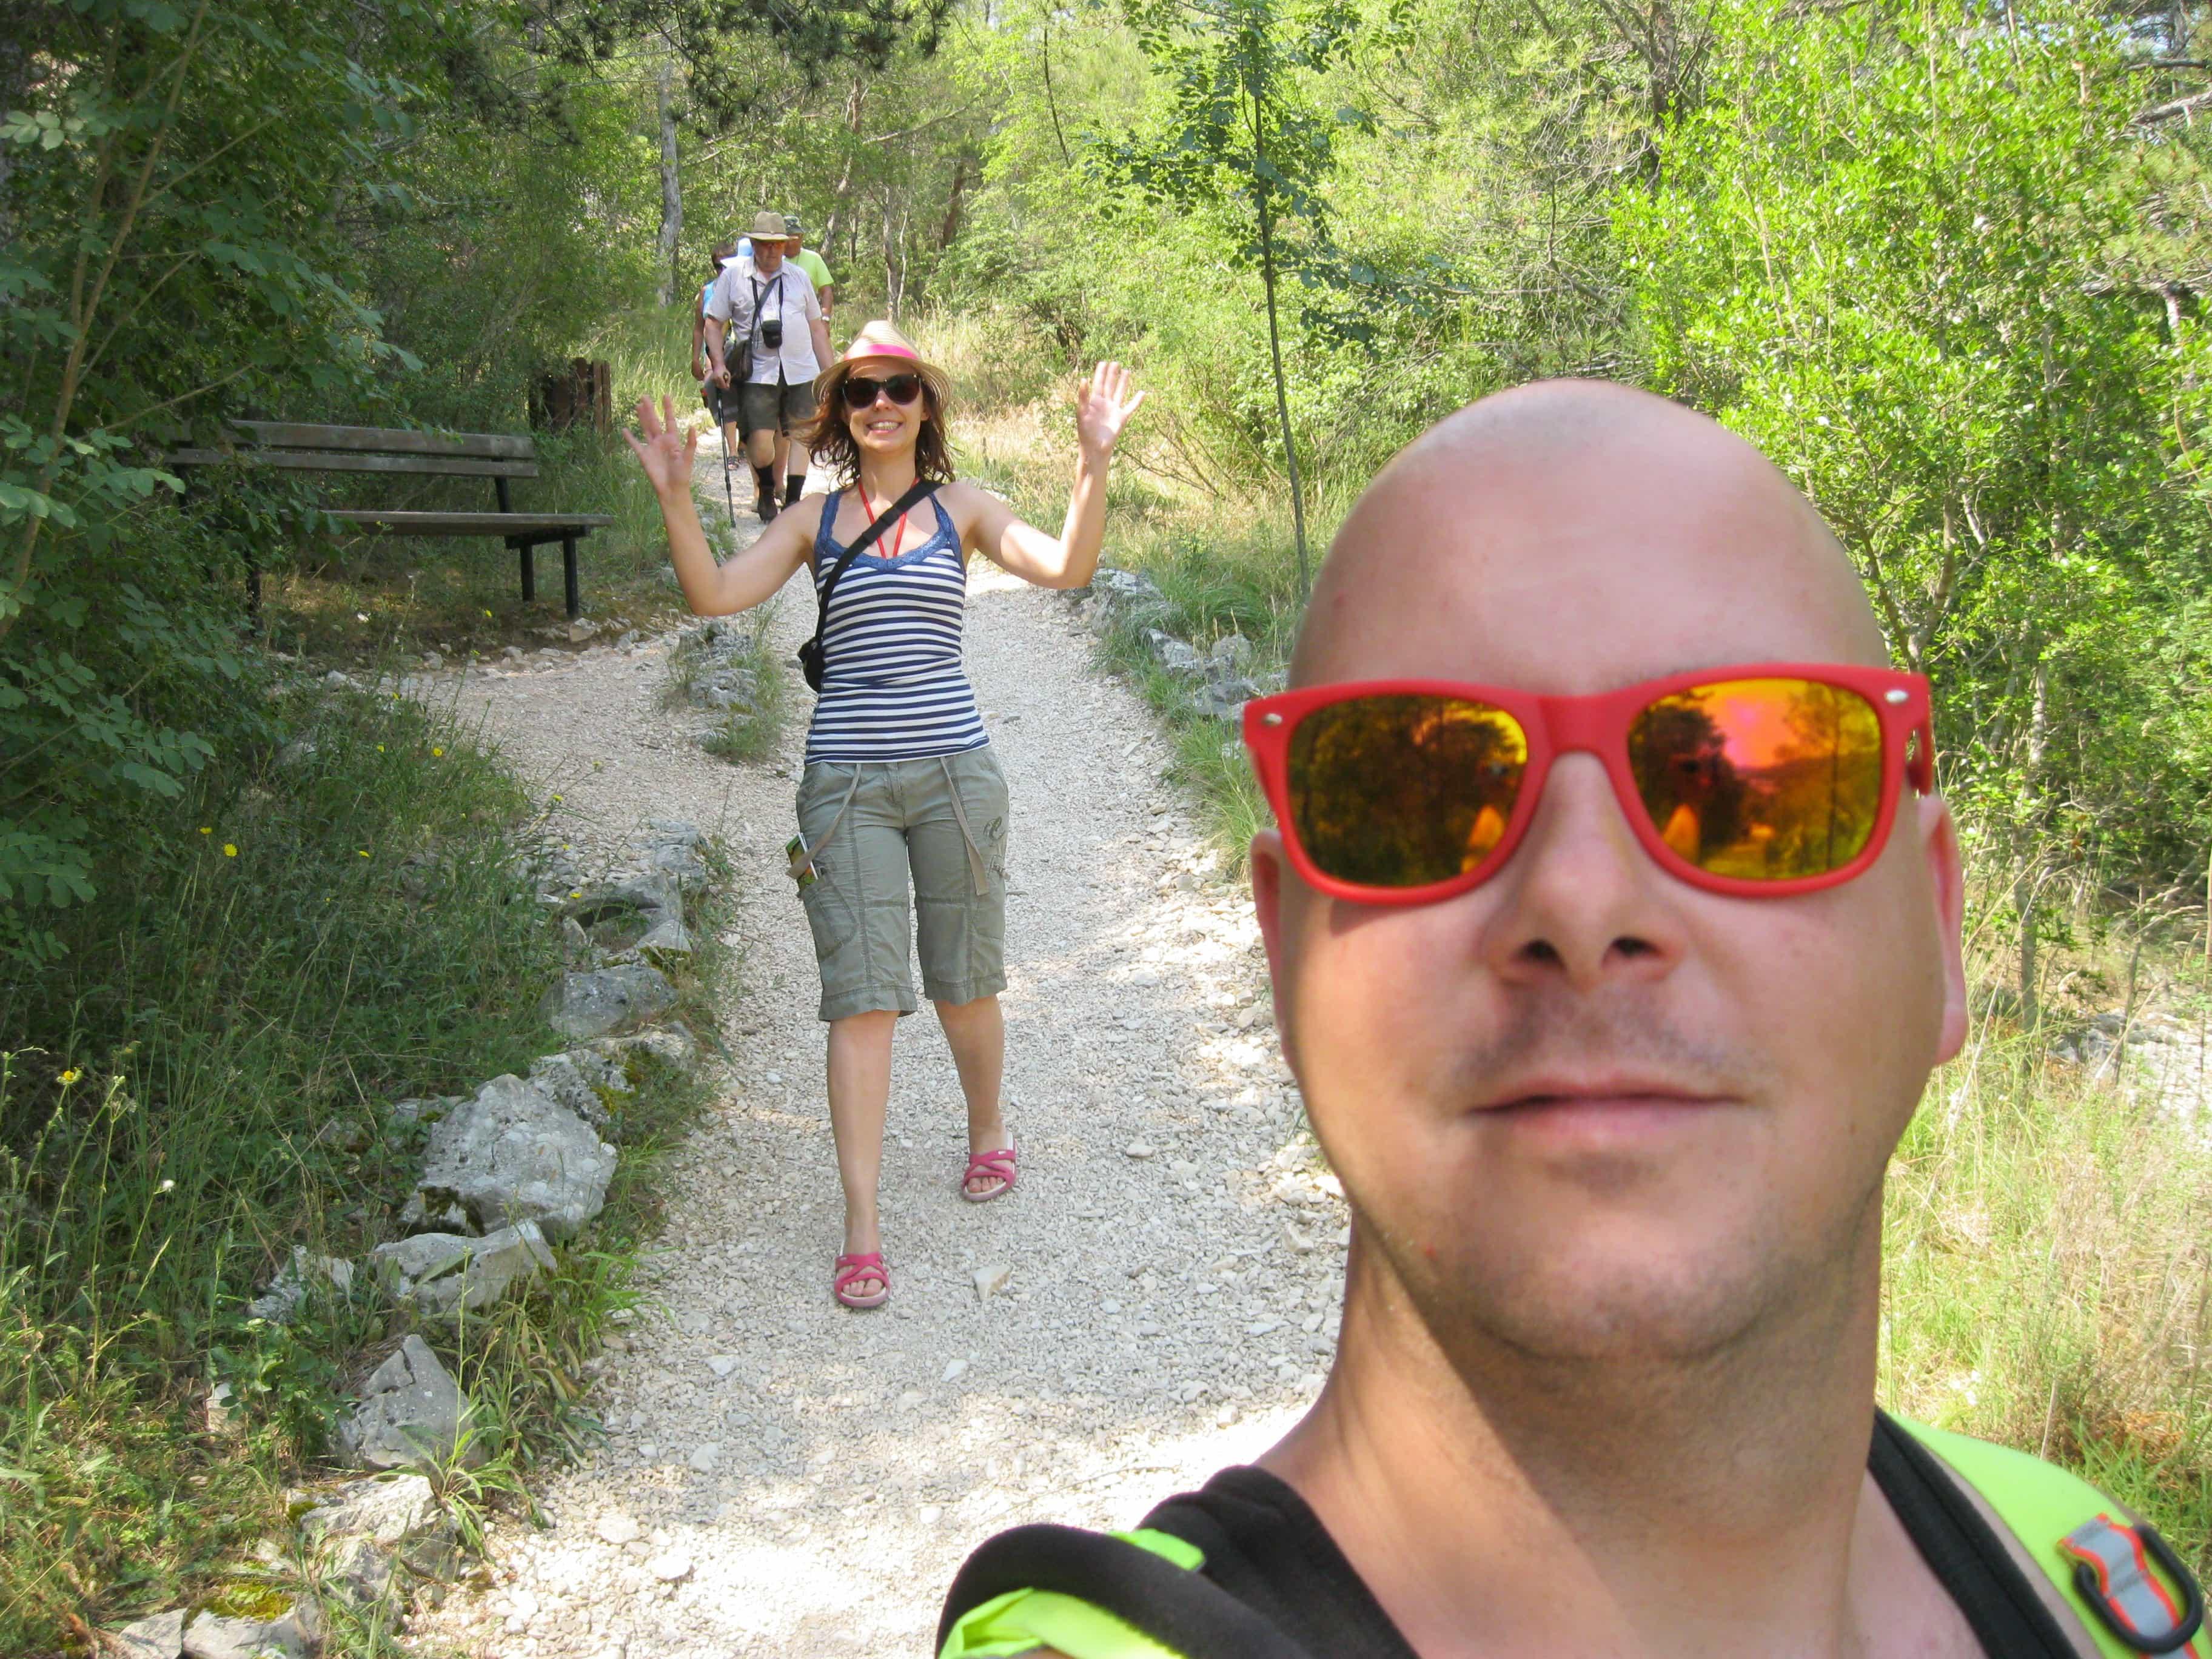 Foto genomen aan de Plitvice meren te Kroatië